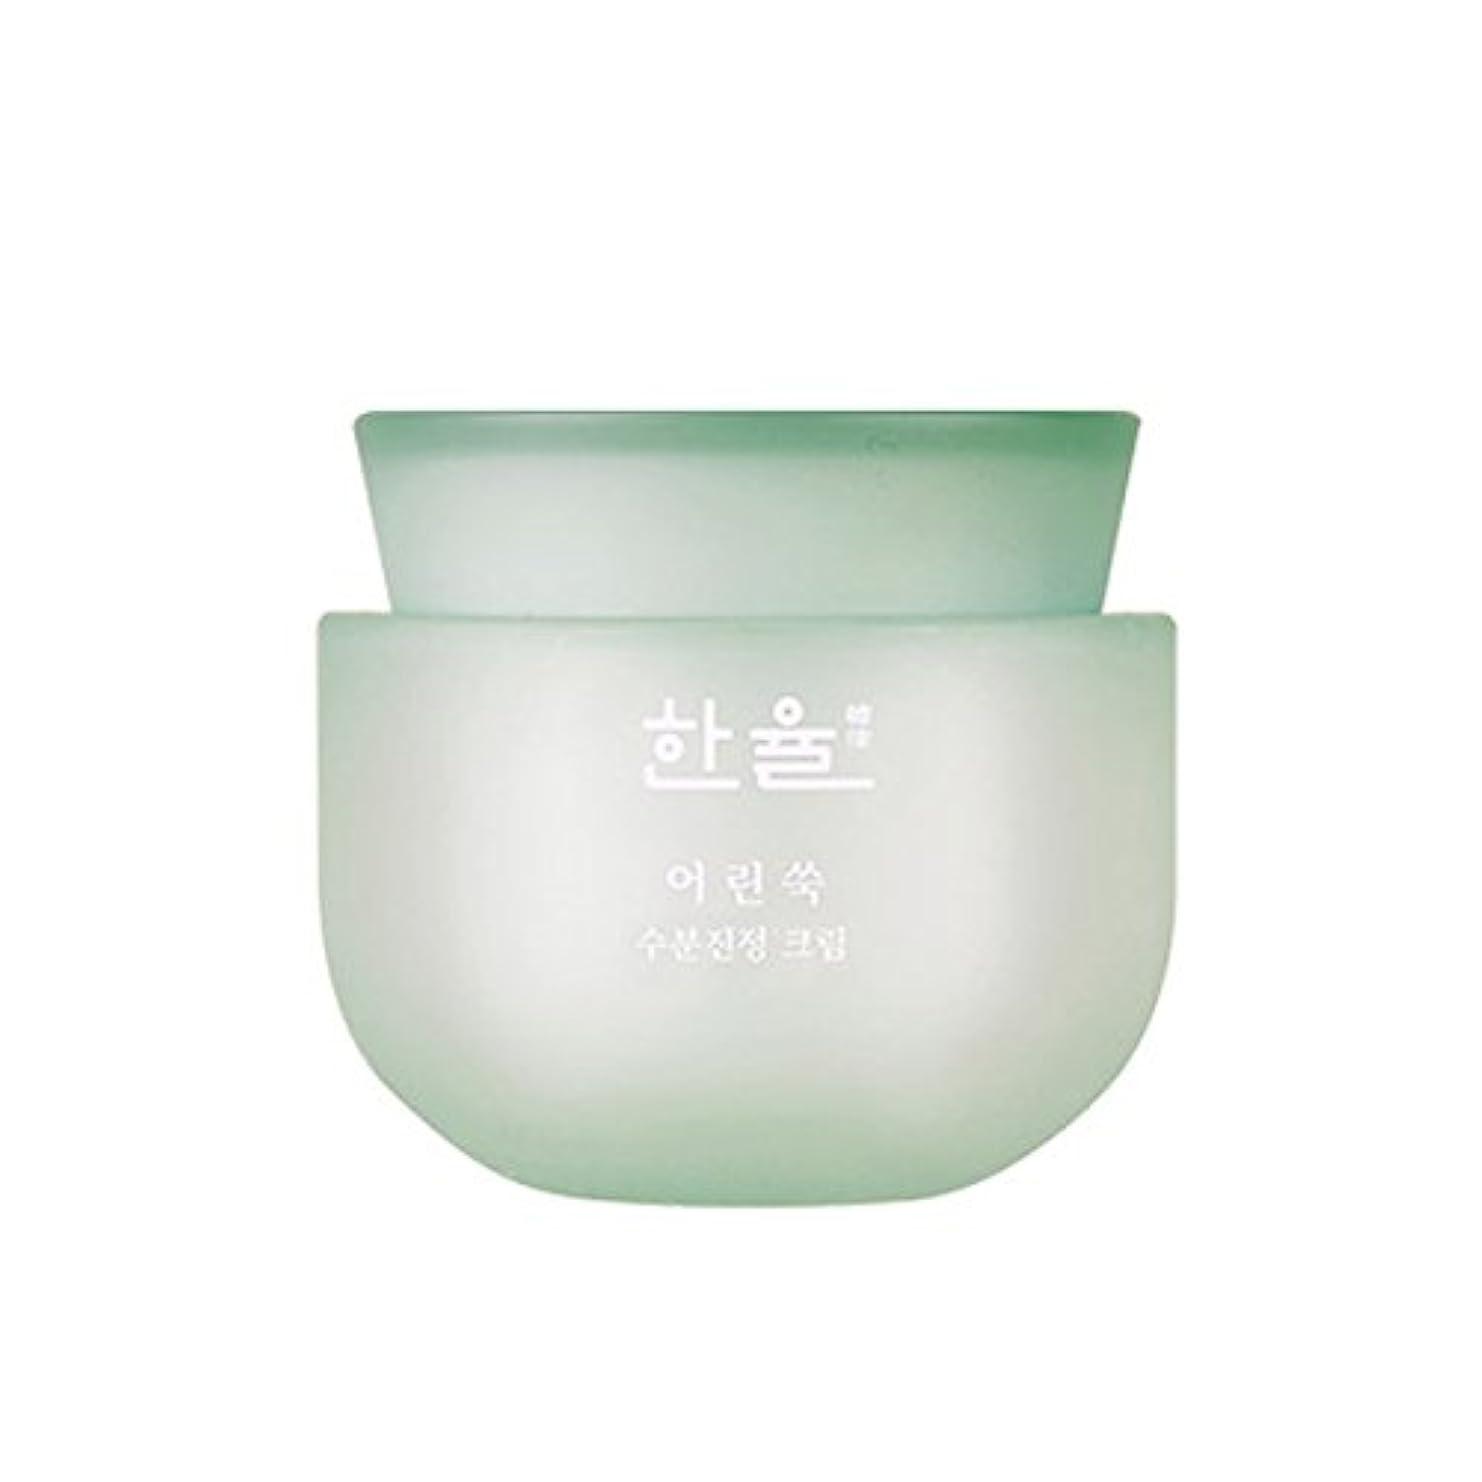 ポップ装備する化粧【HANYUL公式】 ハンユル ヨモギ水分鎮静クリーム 50ml / Hanyul Pure Artemisia Watery Calming Cream 50ml